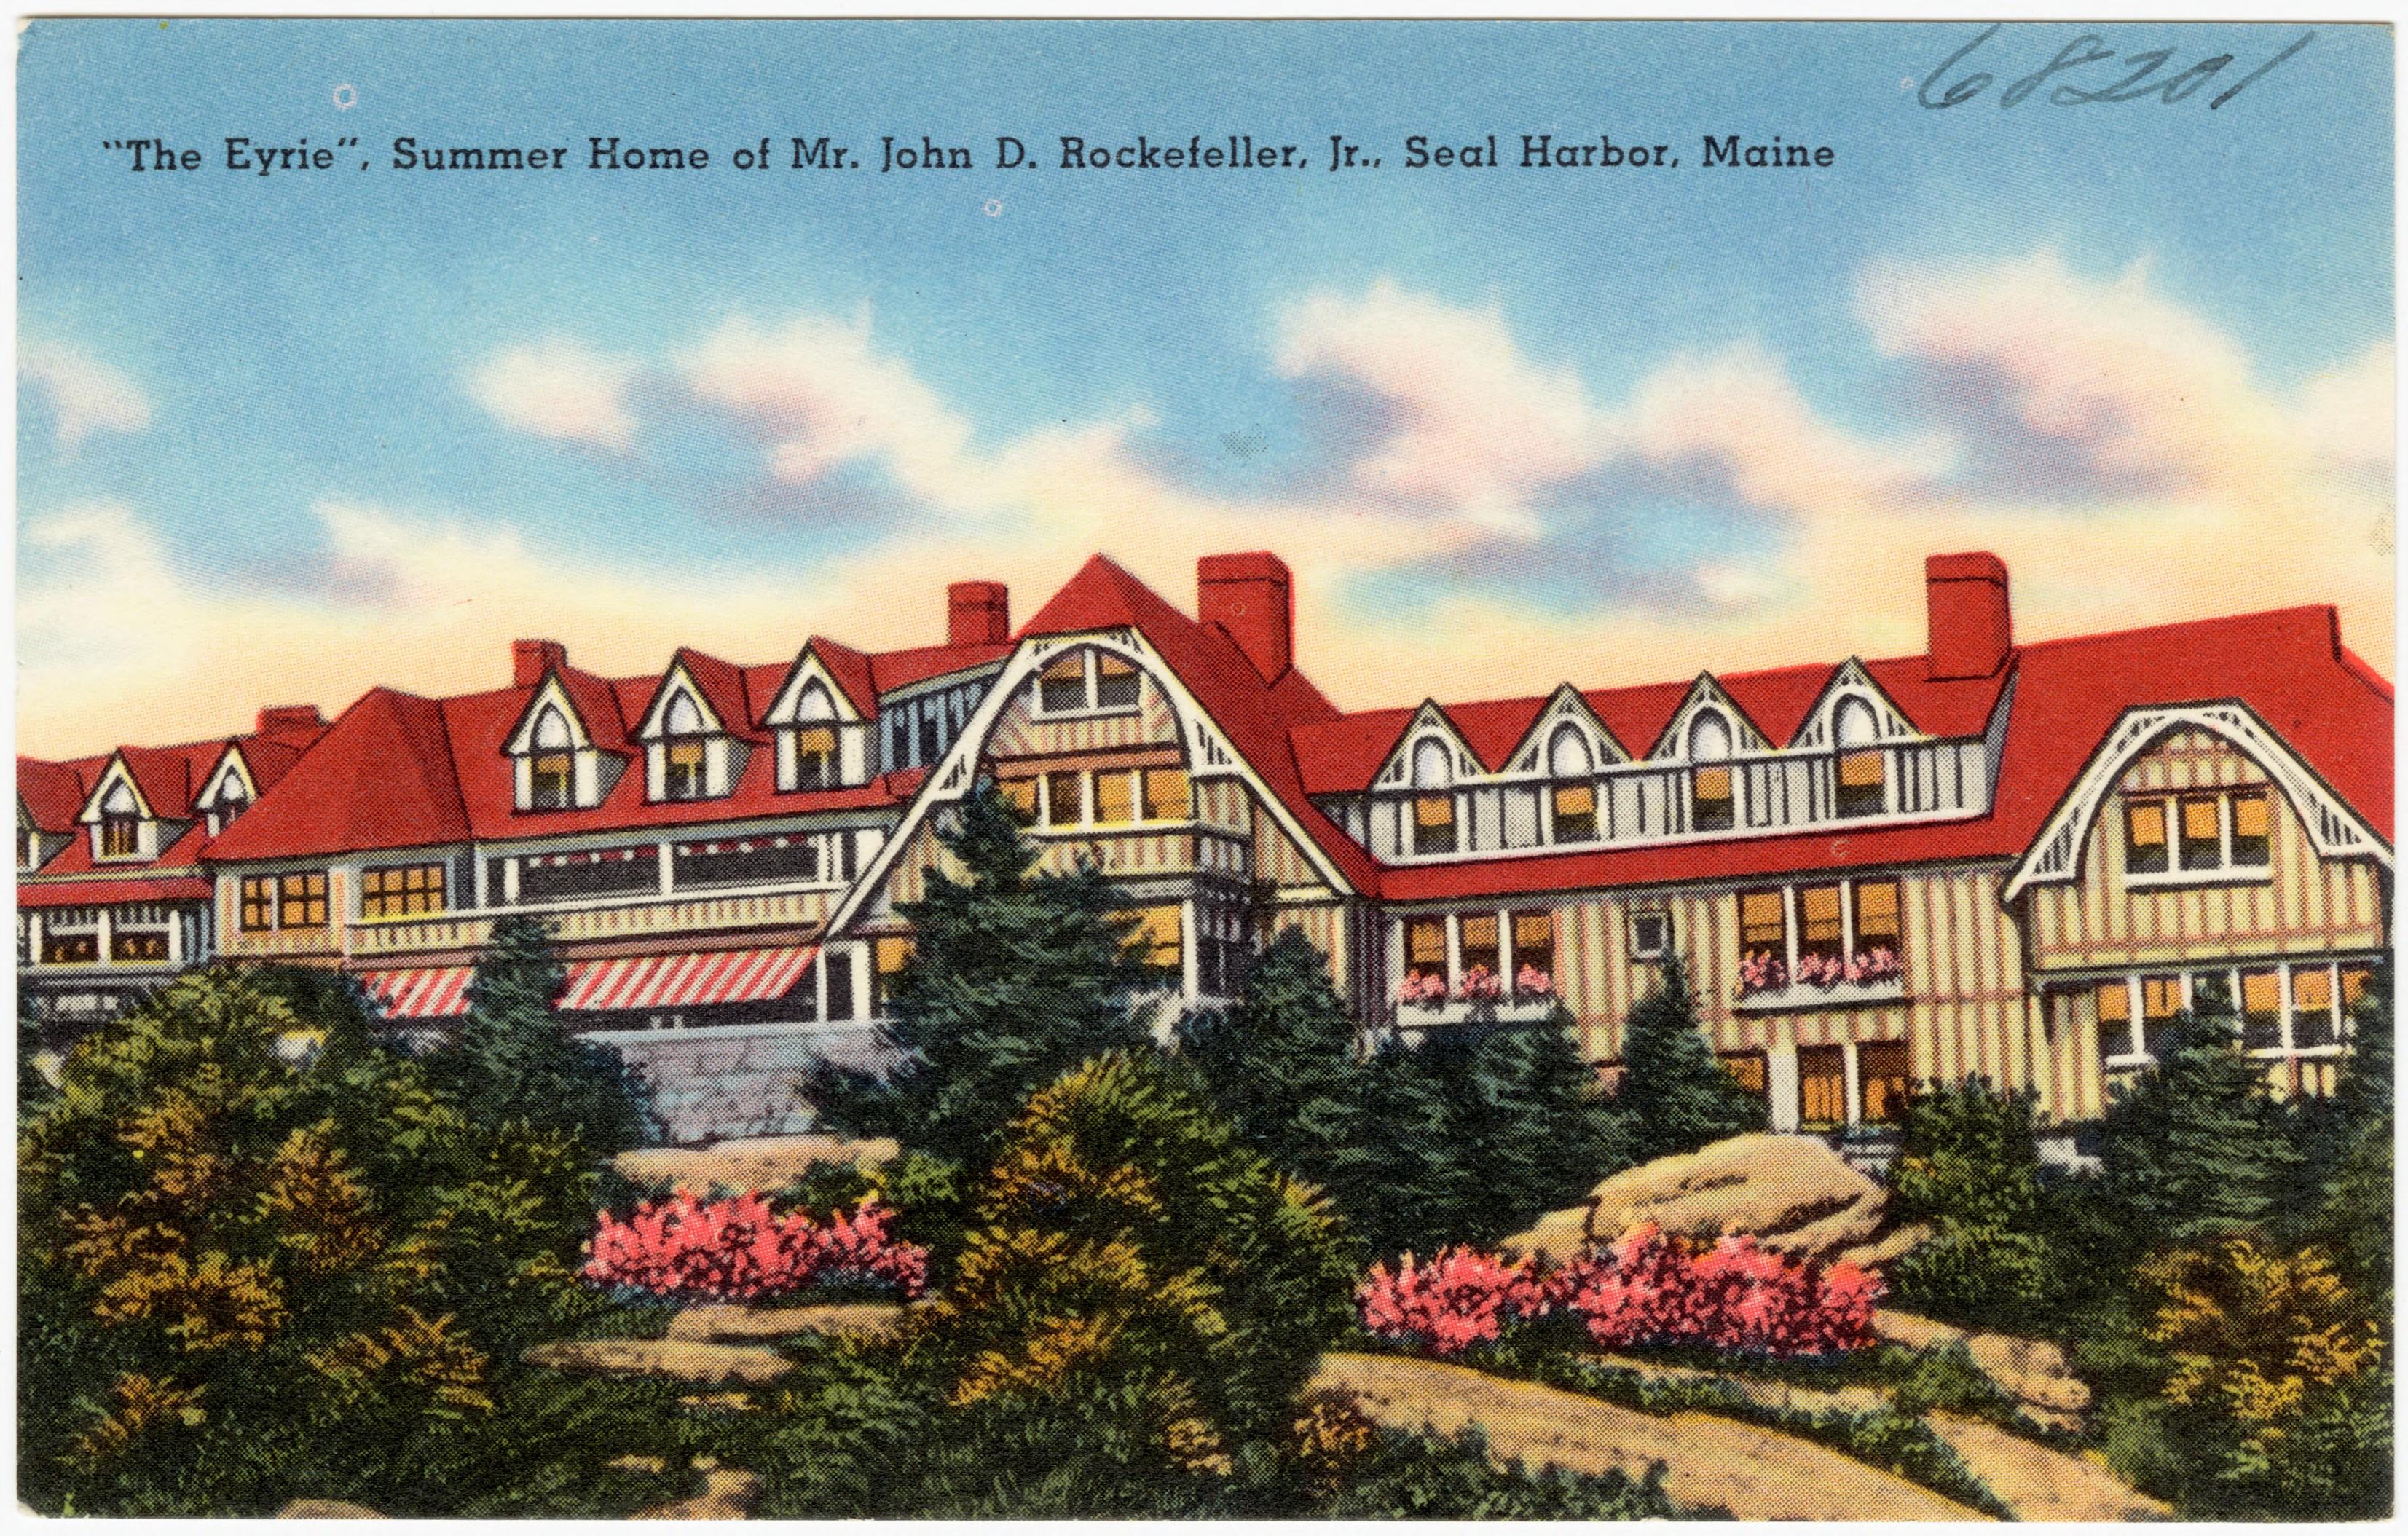 FileThe Eyrie Summer Home Of Mr John D Rockefeller Jr